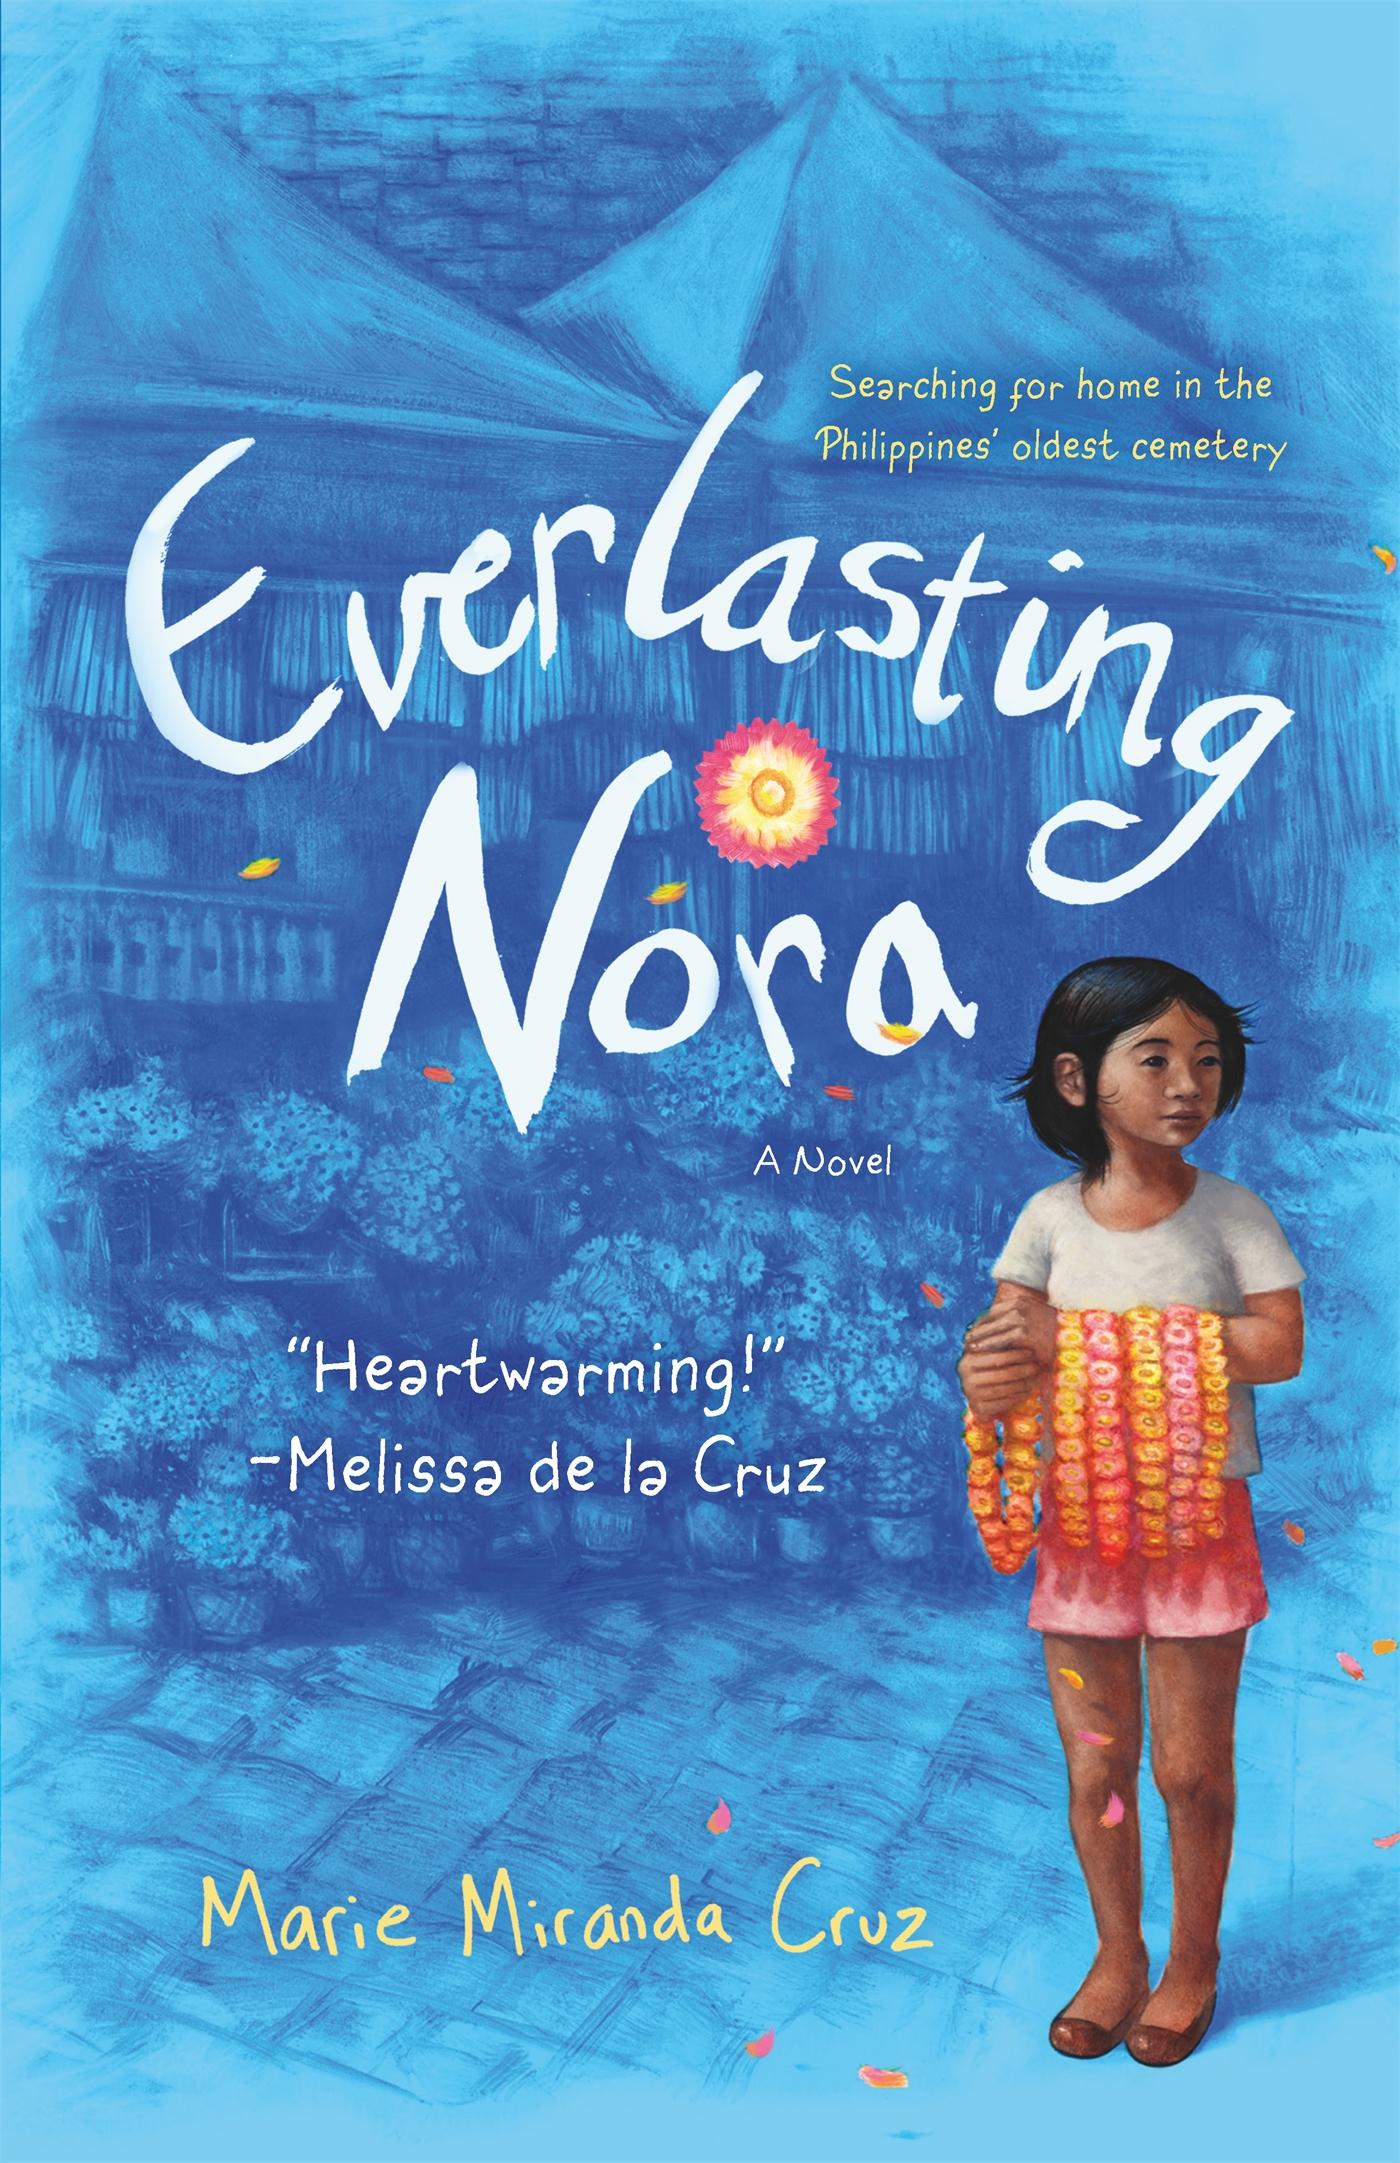 Everlasting Nora by Marie Miranda Cruz (23 Books by Filipino Diaspora Authors For Your Shelf)